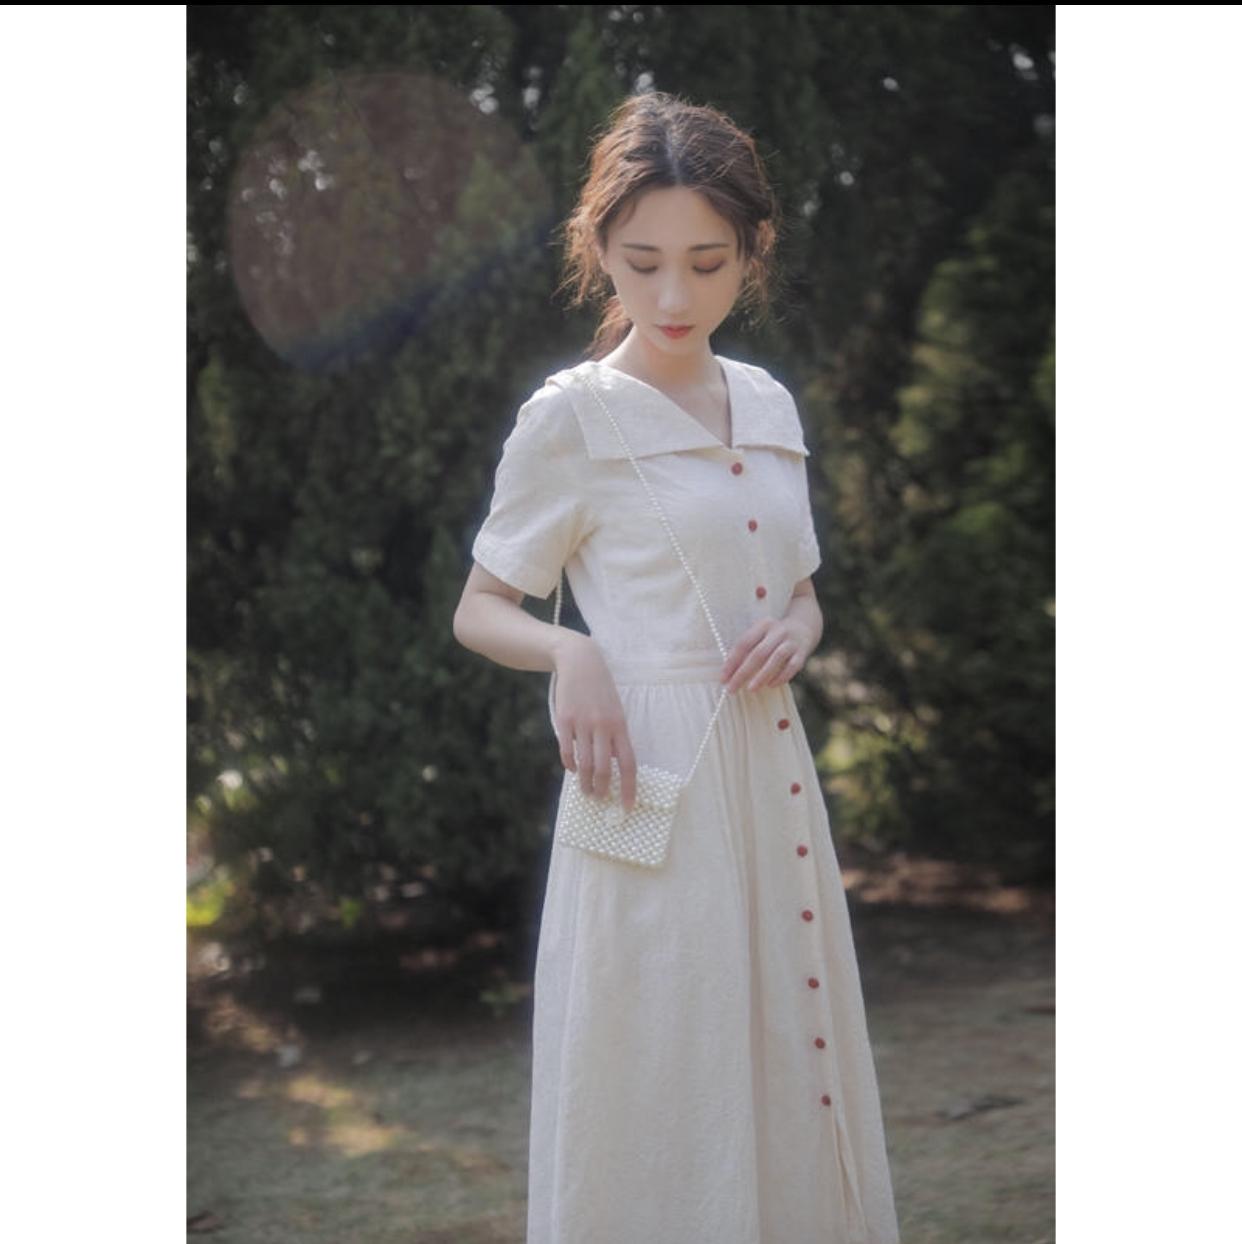 163917423e040 襟付きナチュラルフロントボタンのシャツワンピース 大人ガーリー シンプル 白ワンピ きれいめ 上品 お嬢様ワンピ 大人可愛い ハイウエスト フレア スカート